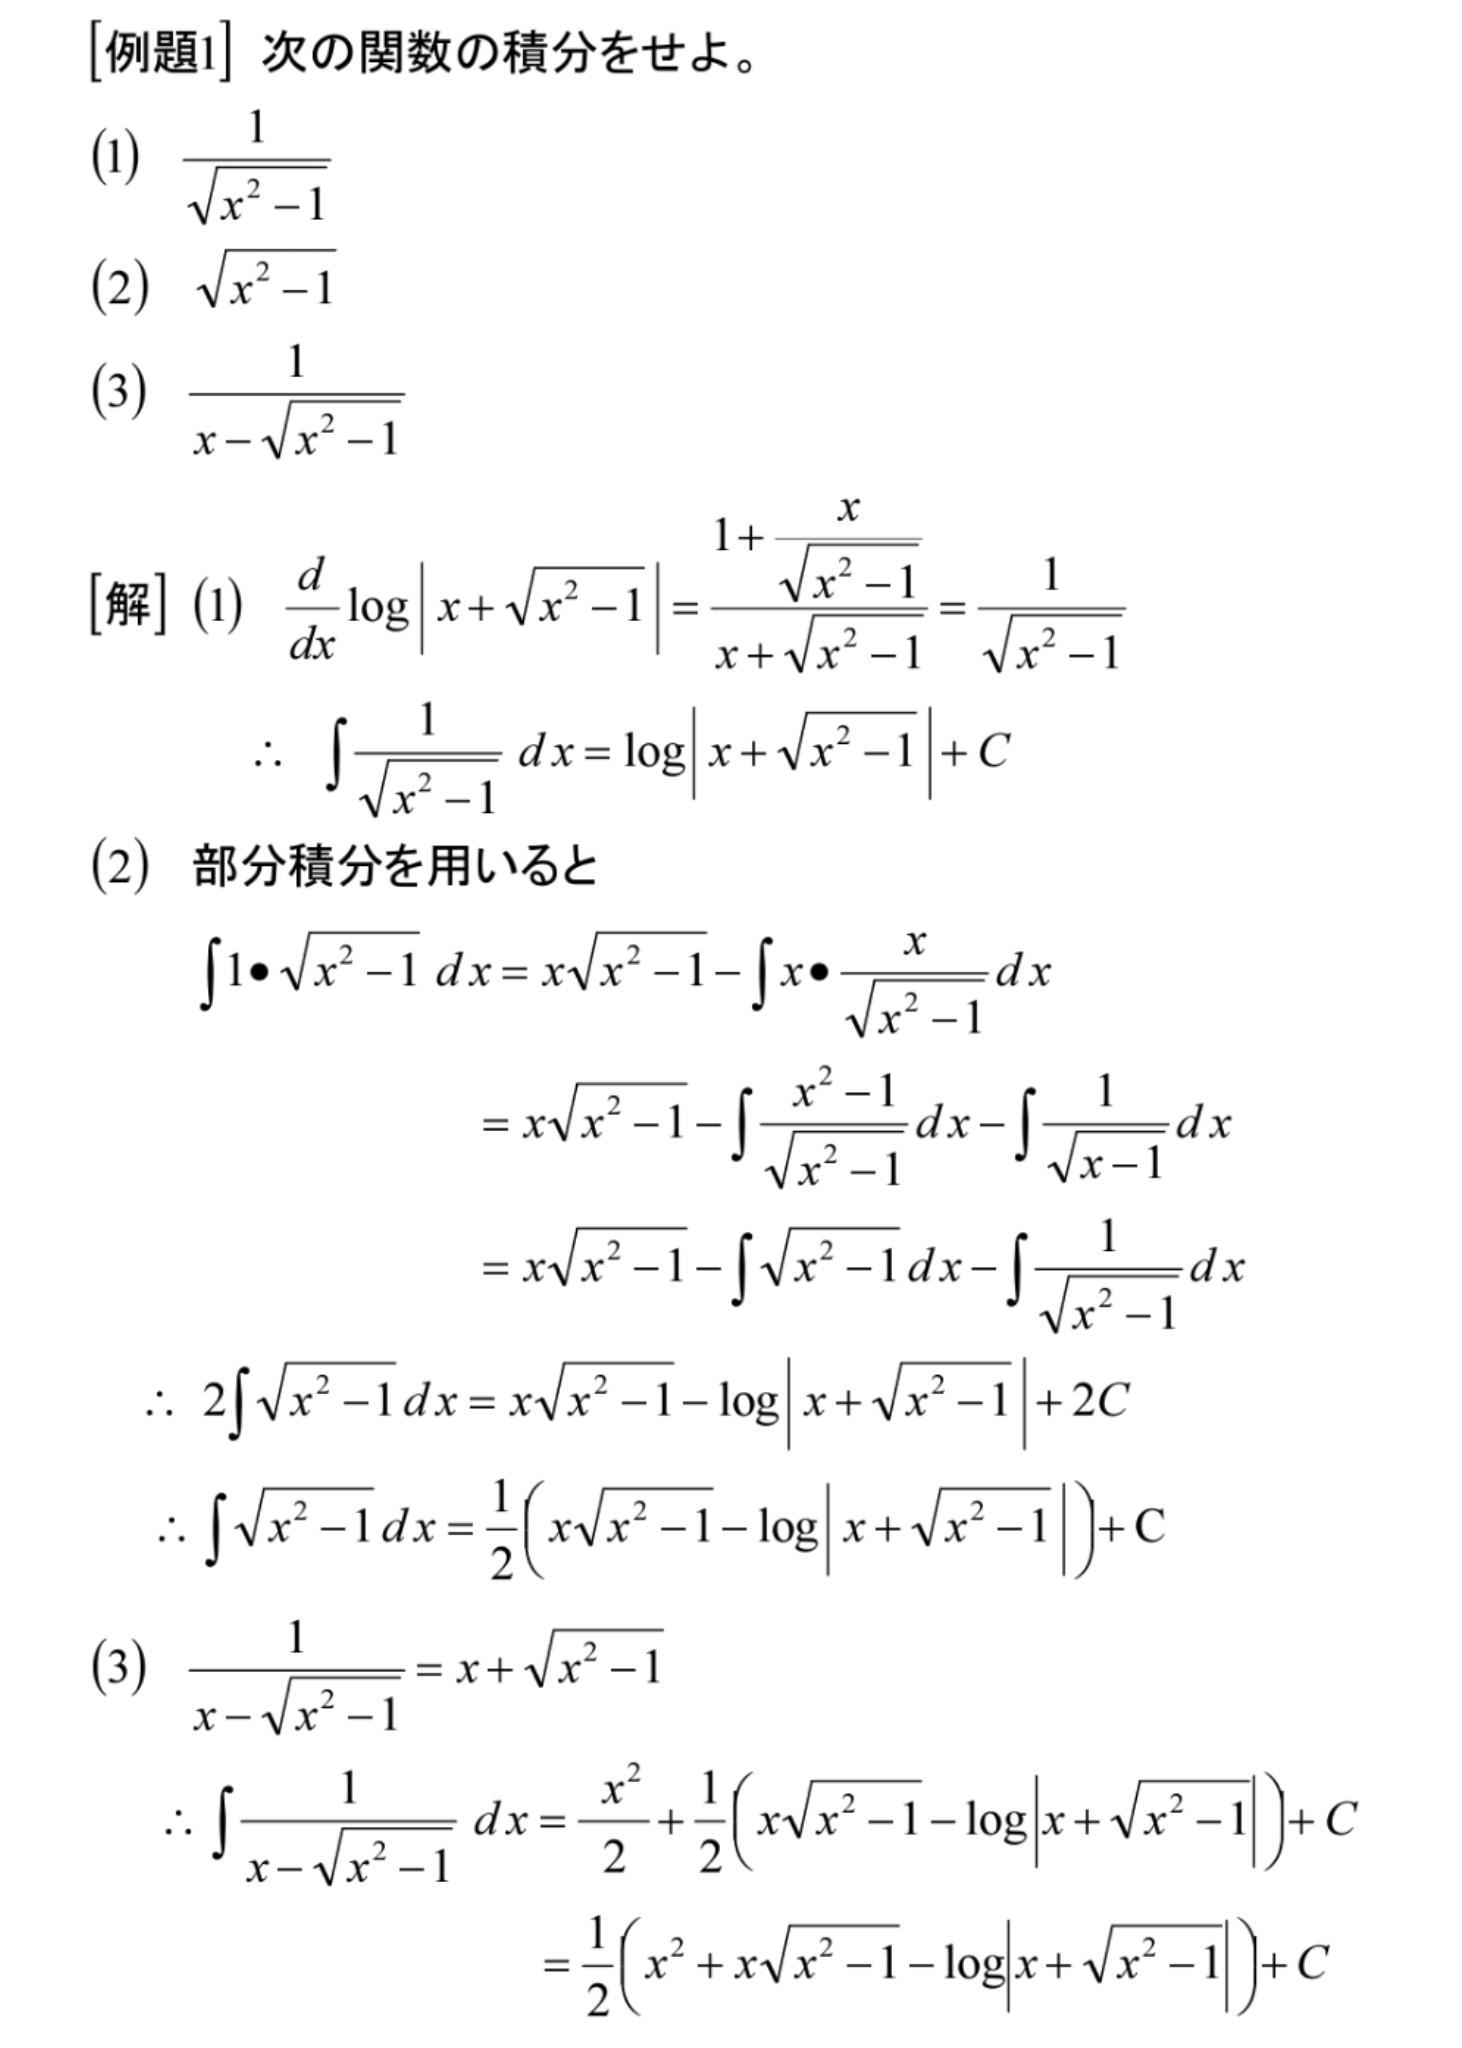 解析学演習《29》不定積分 : 齊藤数学教室、算数オリンピックから大学 ...